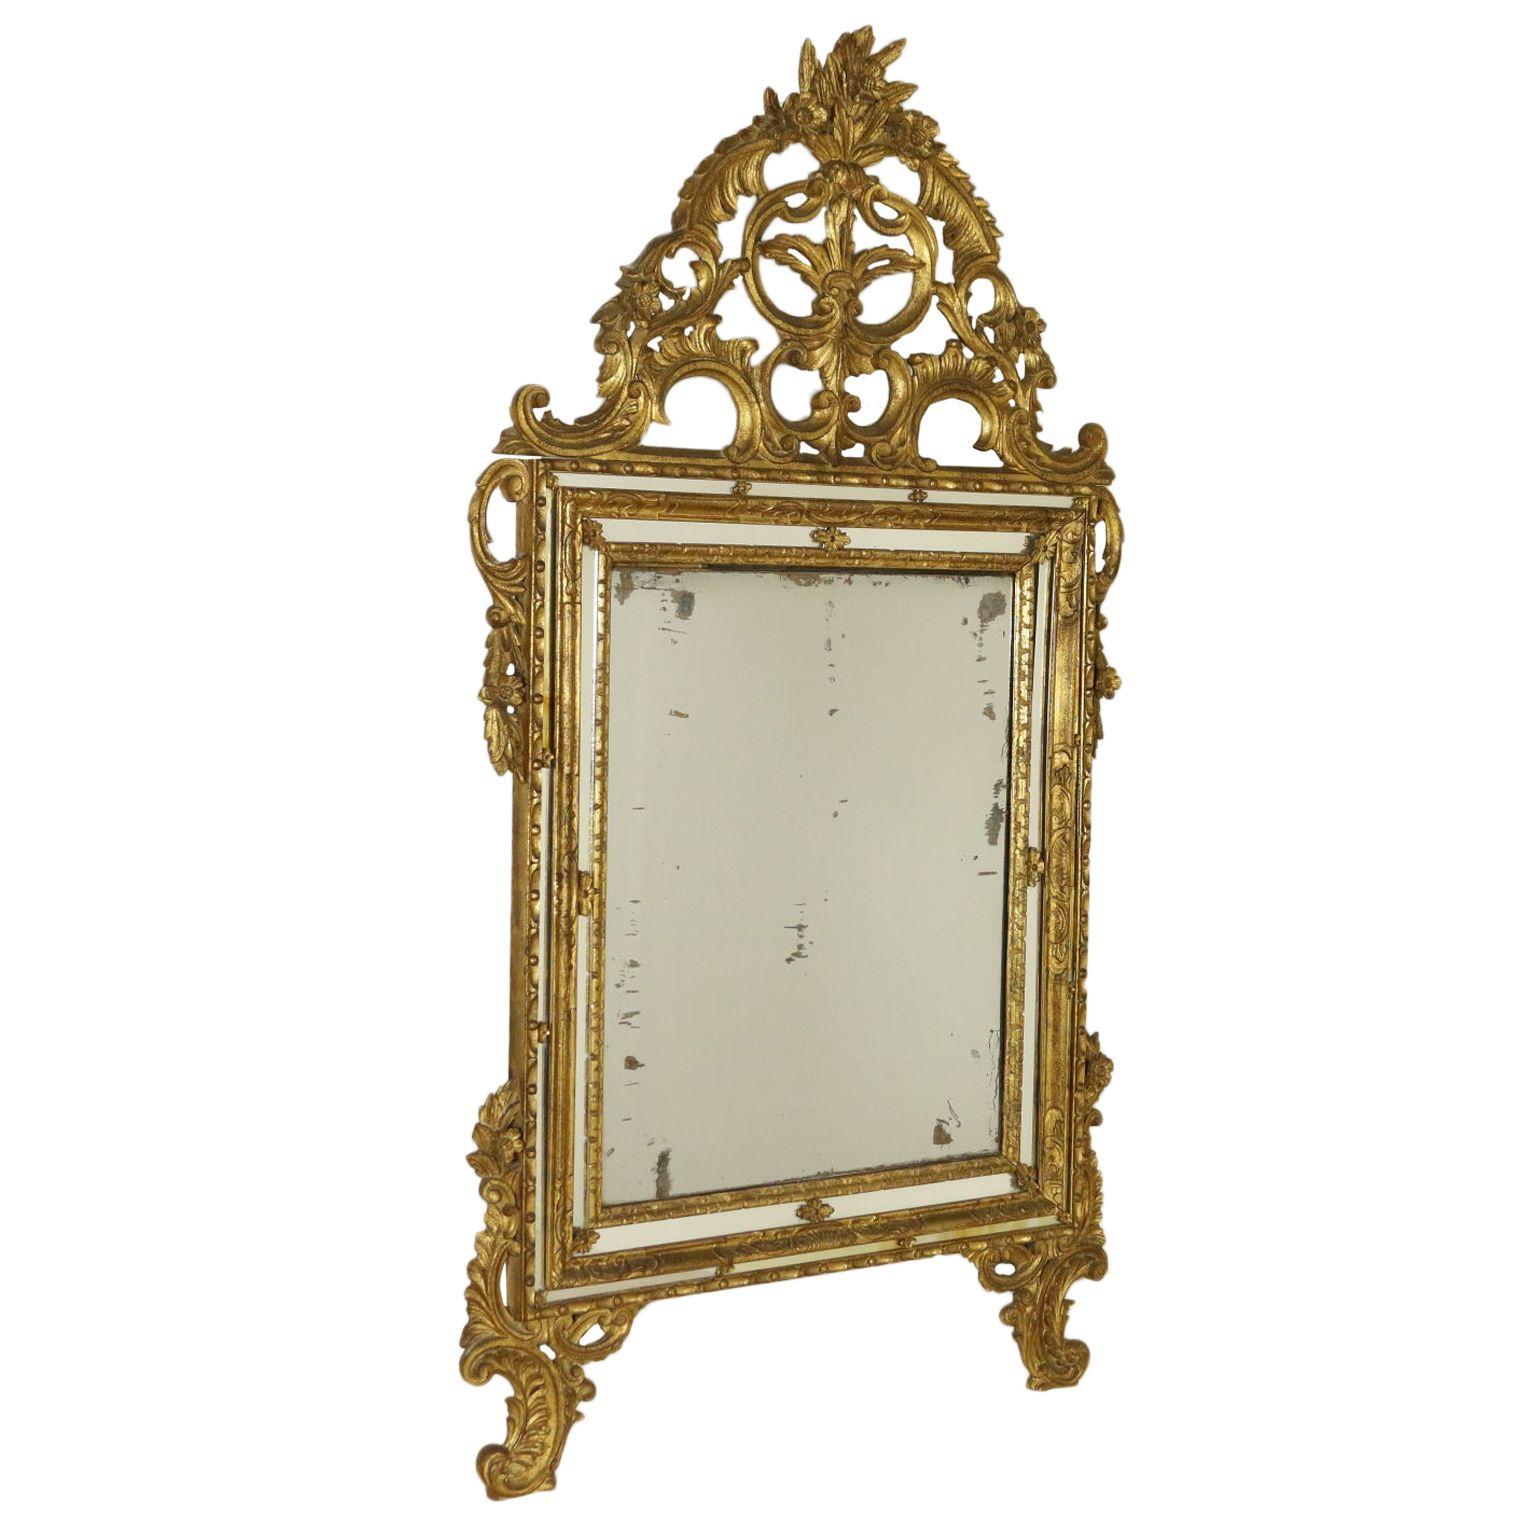 Specchiera in stile Legno intagliato, Cornici in legno